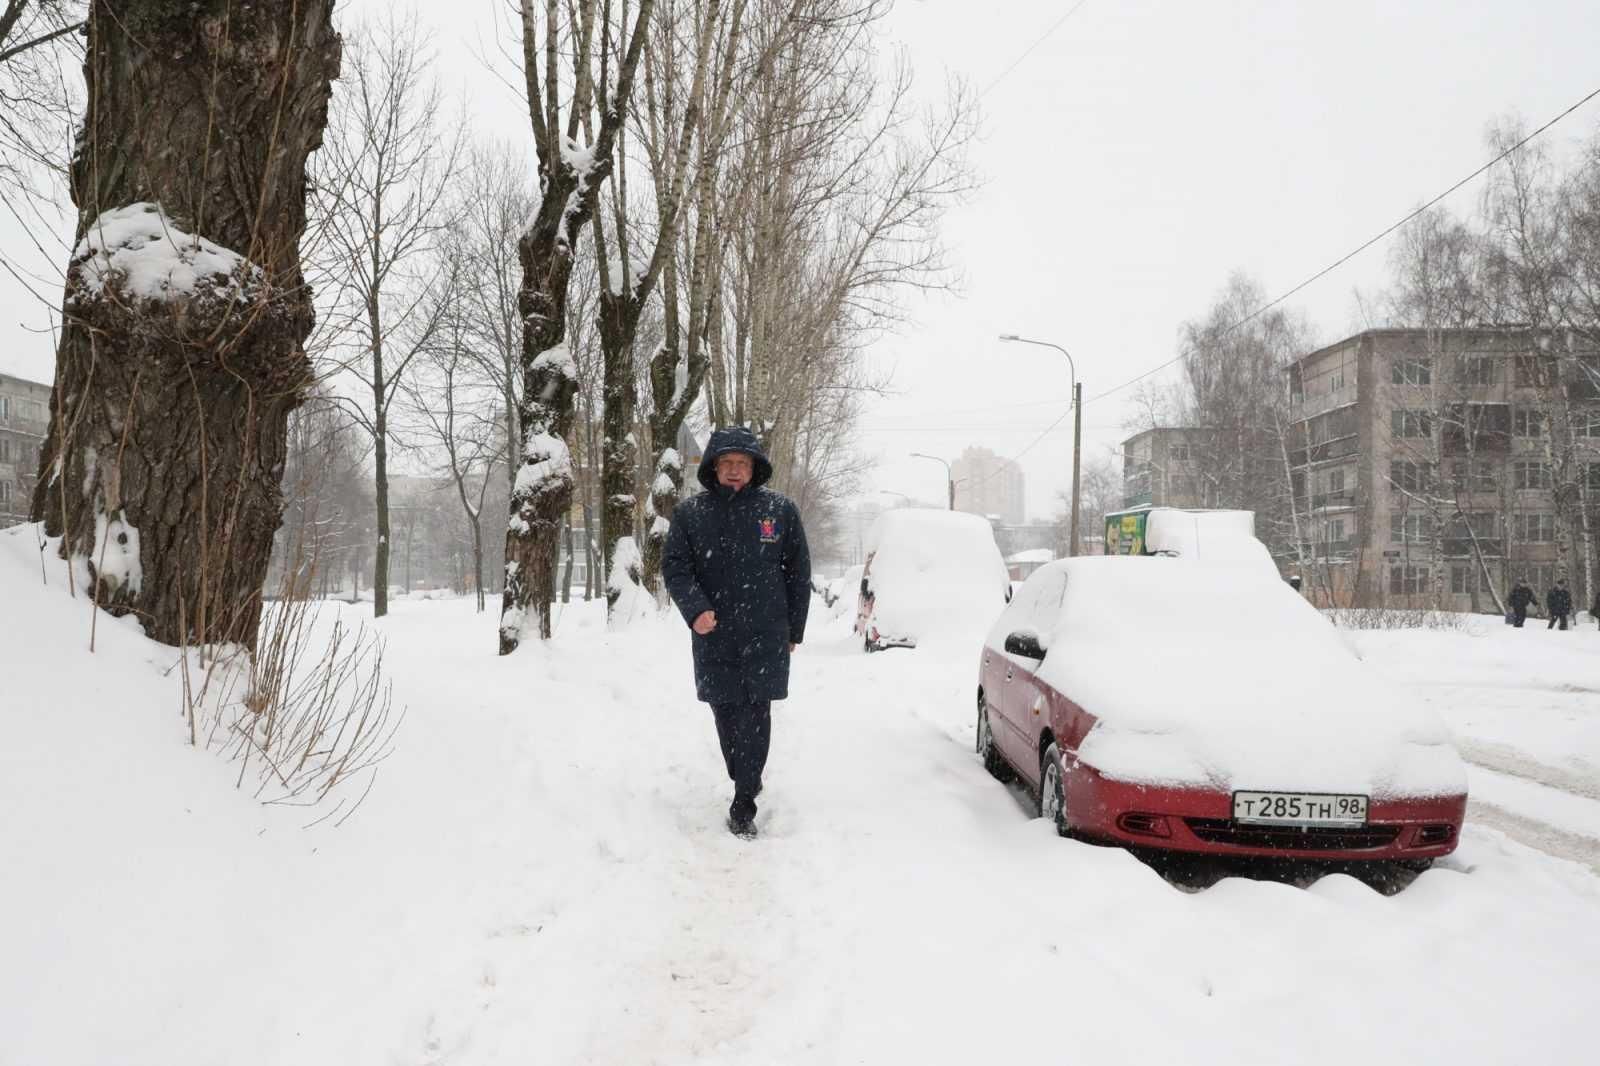 Как только ушли журналисты, исчезла и снегоуборочная техника: пиар на уборке улиц от Константина Серова